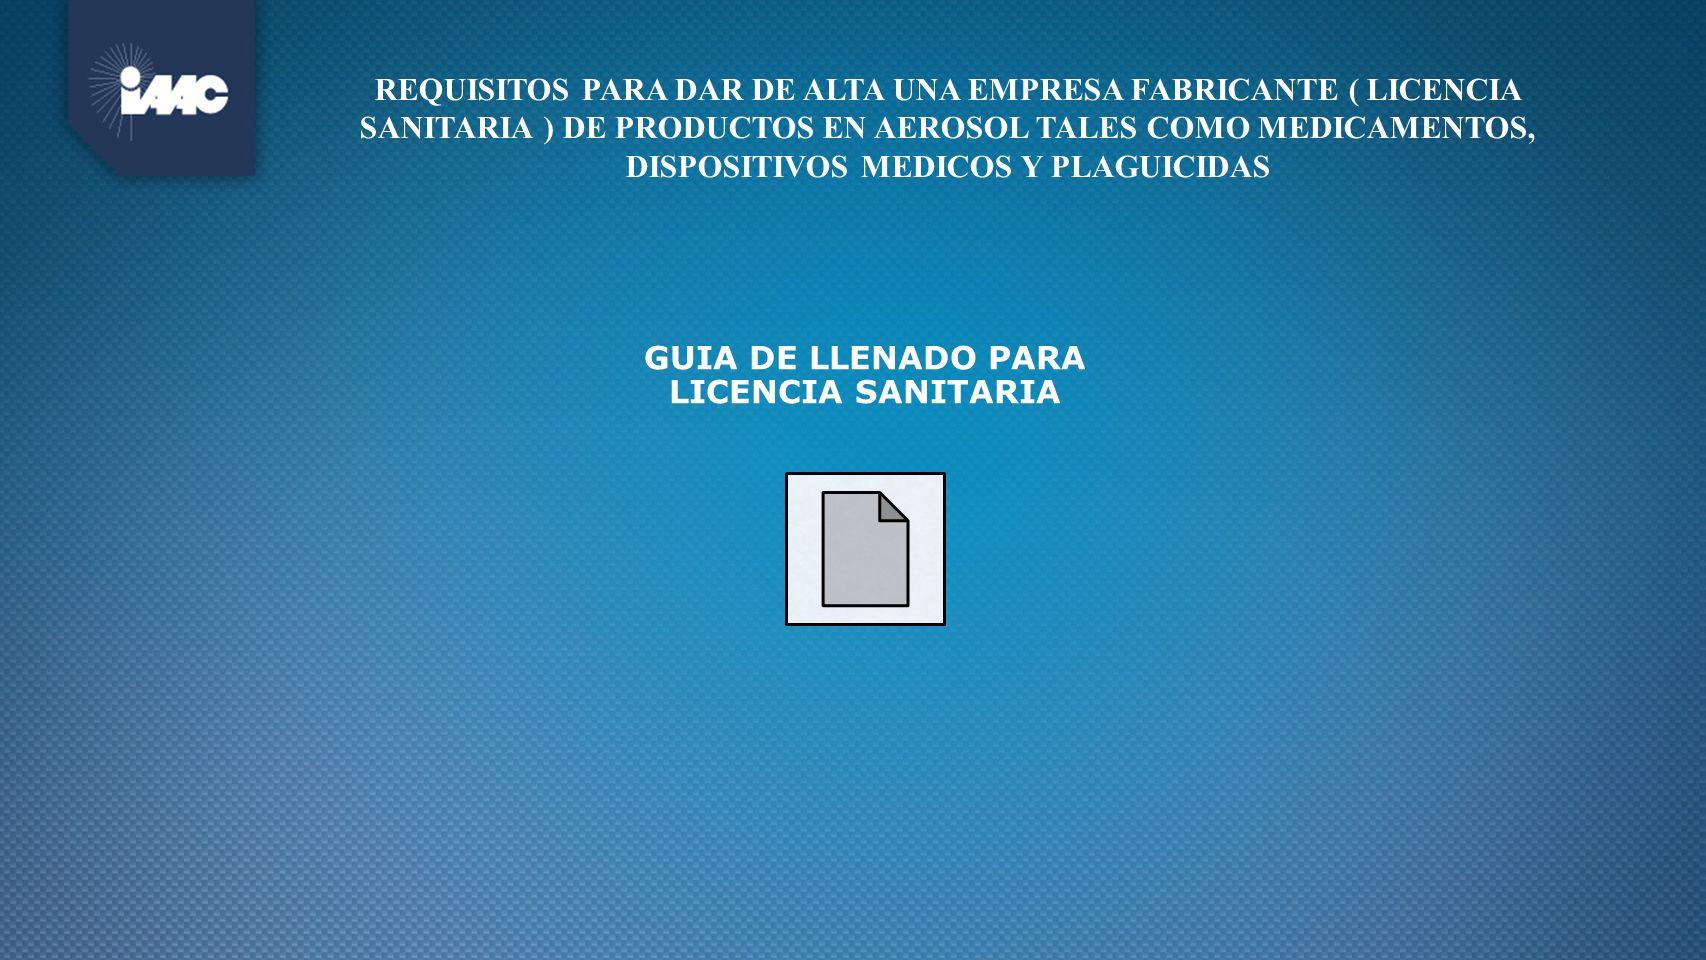 GUIA DE LLENADO PARA LICENCIA SANITARIA REQUISITOS PARA DAR DE ALTA UNA EMPRESA FABRICANTE ( LICENCIA SANITARIA ) DE PRODUCTOS EN AEROSOL TALES COMO M